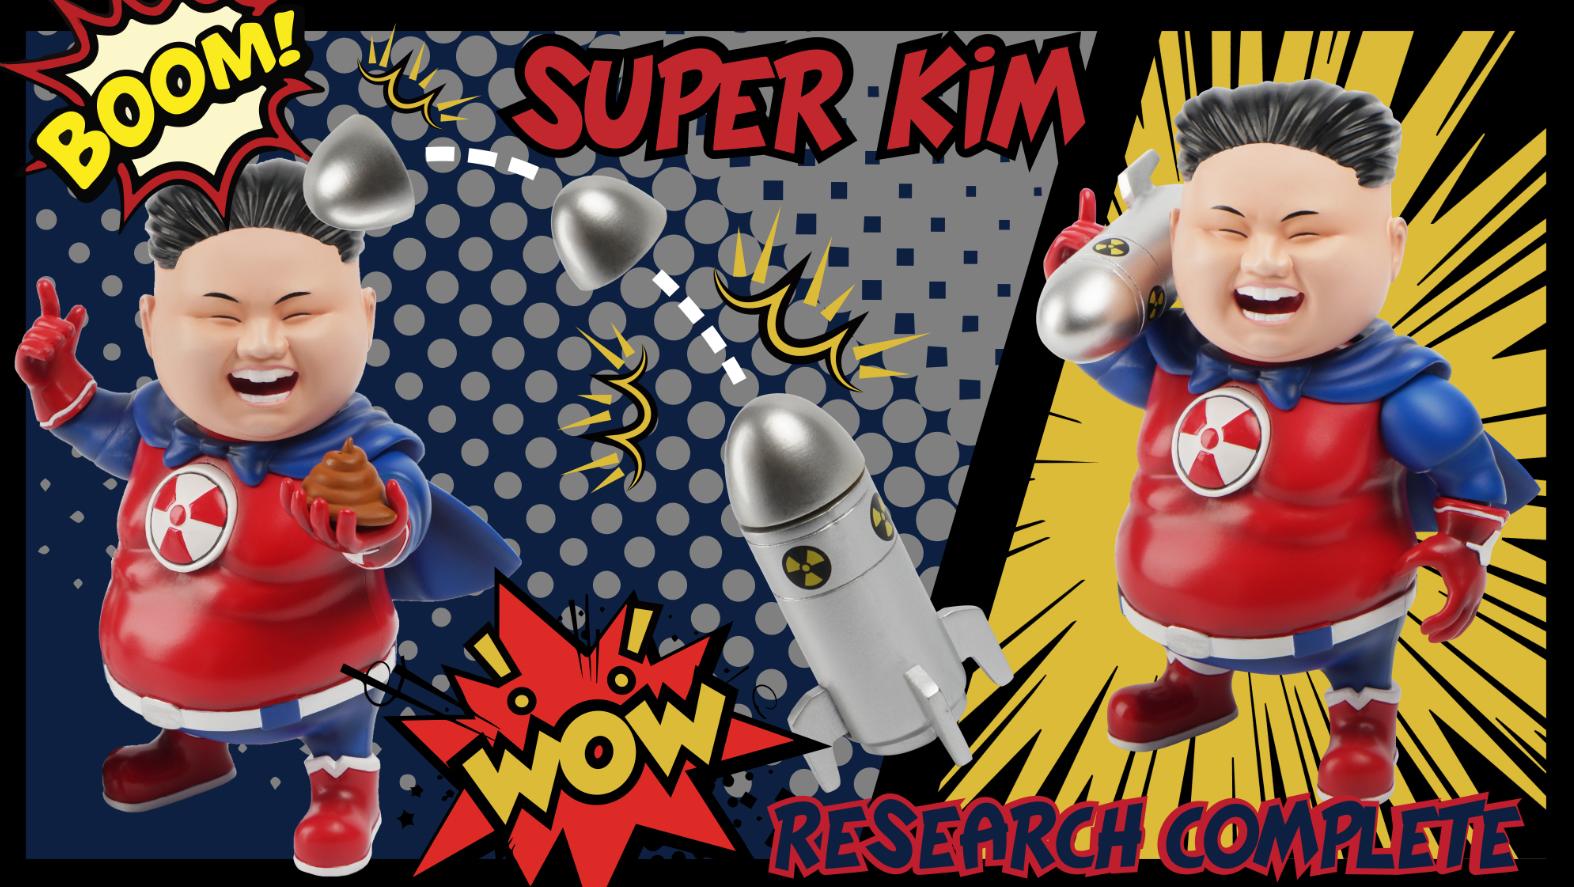 最膠領導人系列第二彈!「Super Kim金仔超人」4.5吋迷你可動人偶by Stingrayz - Toys Zone D 玩具兄弟 -Figures Price List ...